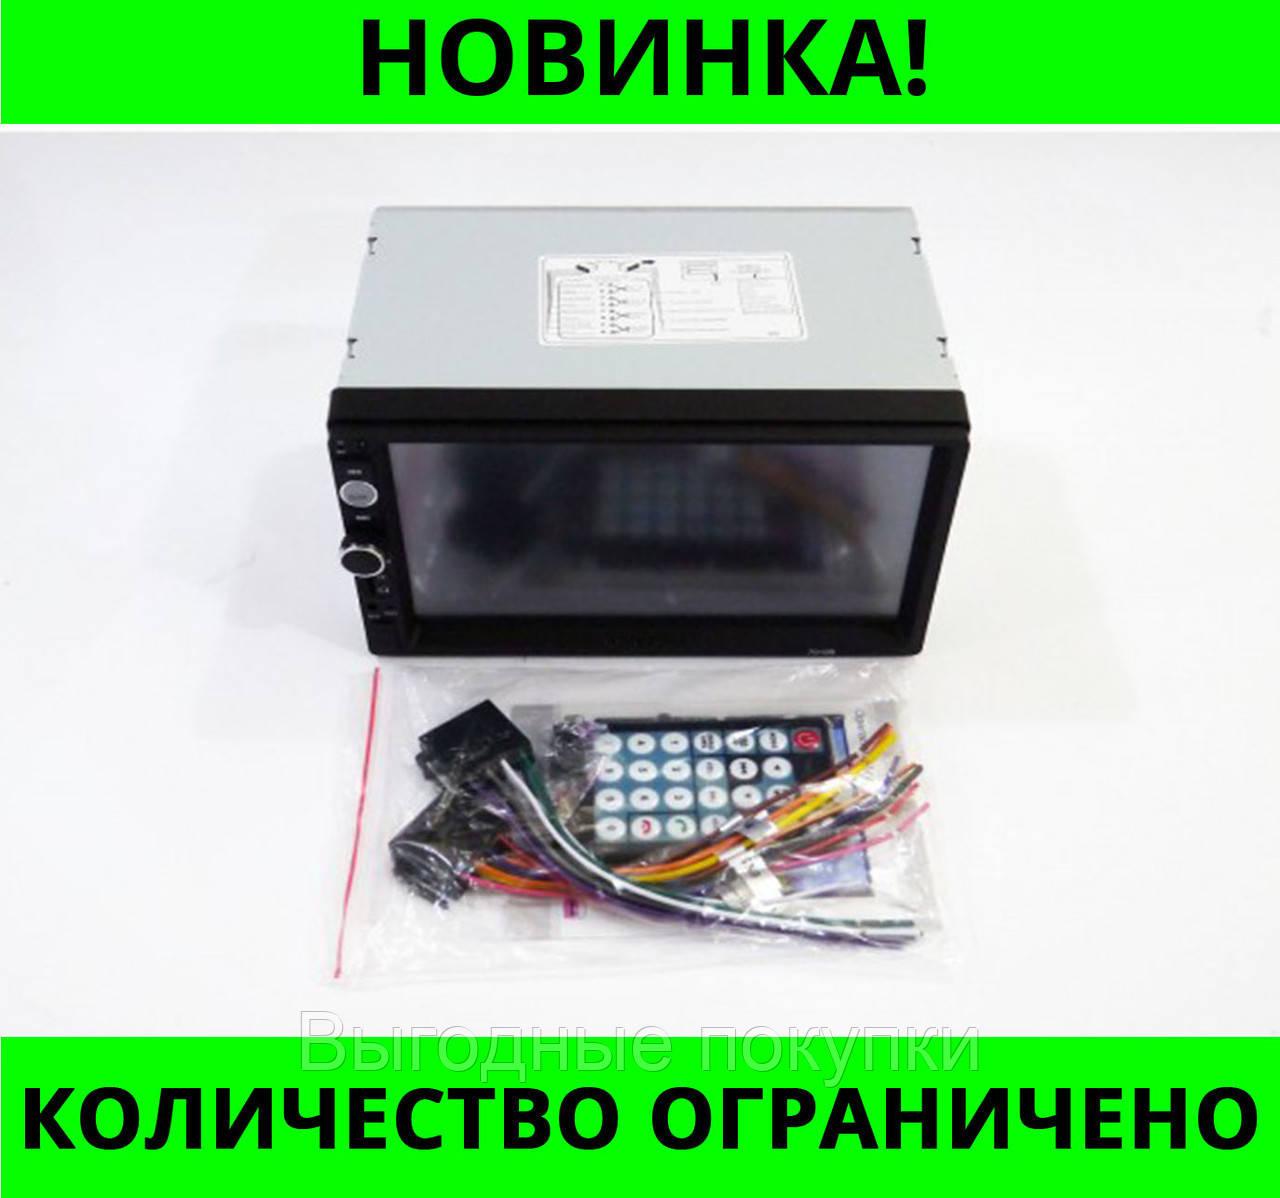 BELKIN 7010 TREIBER WINDOWS XP